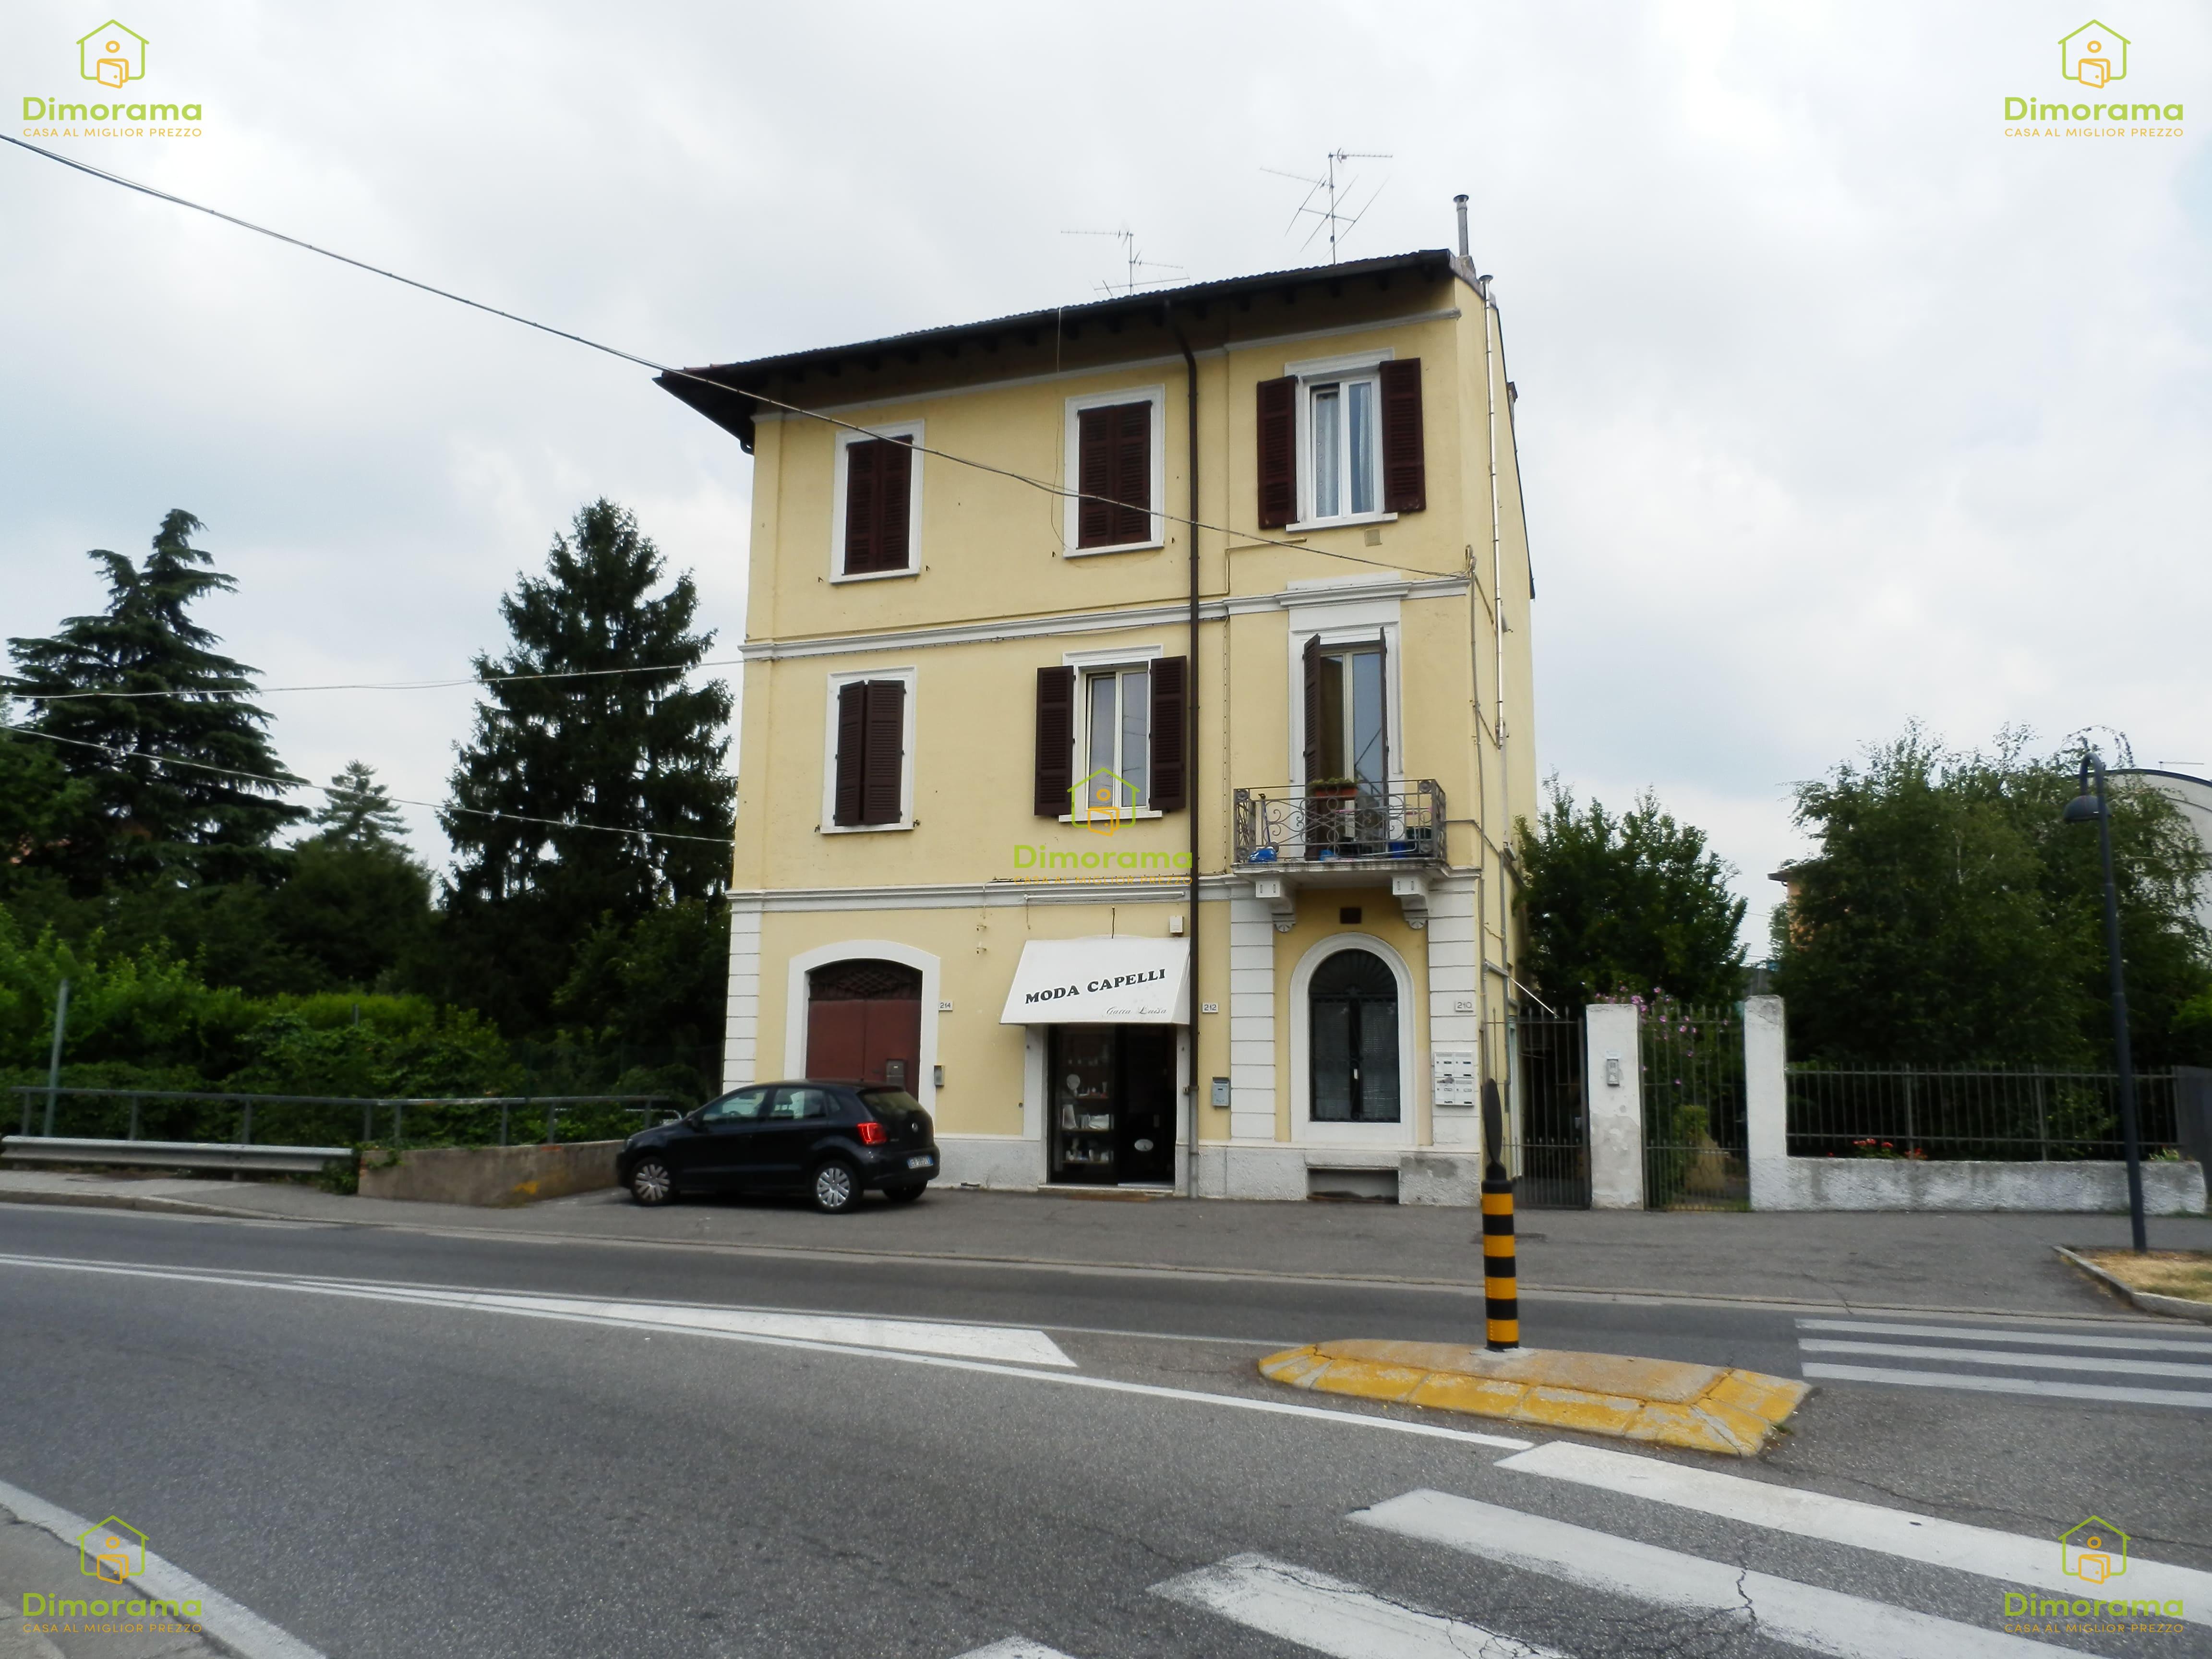 Magazzino - capannone in vendita Rif. 11058981